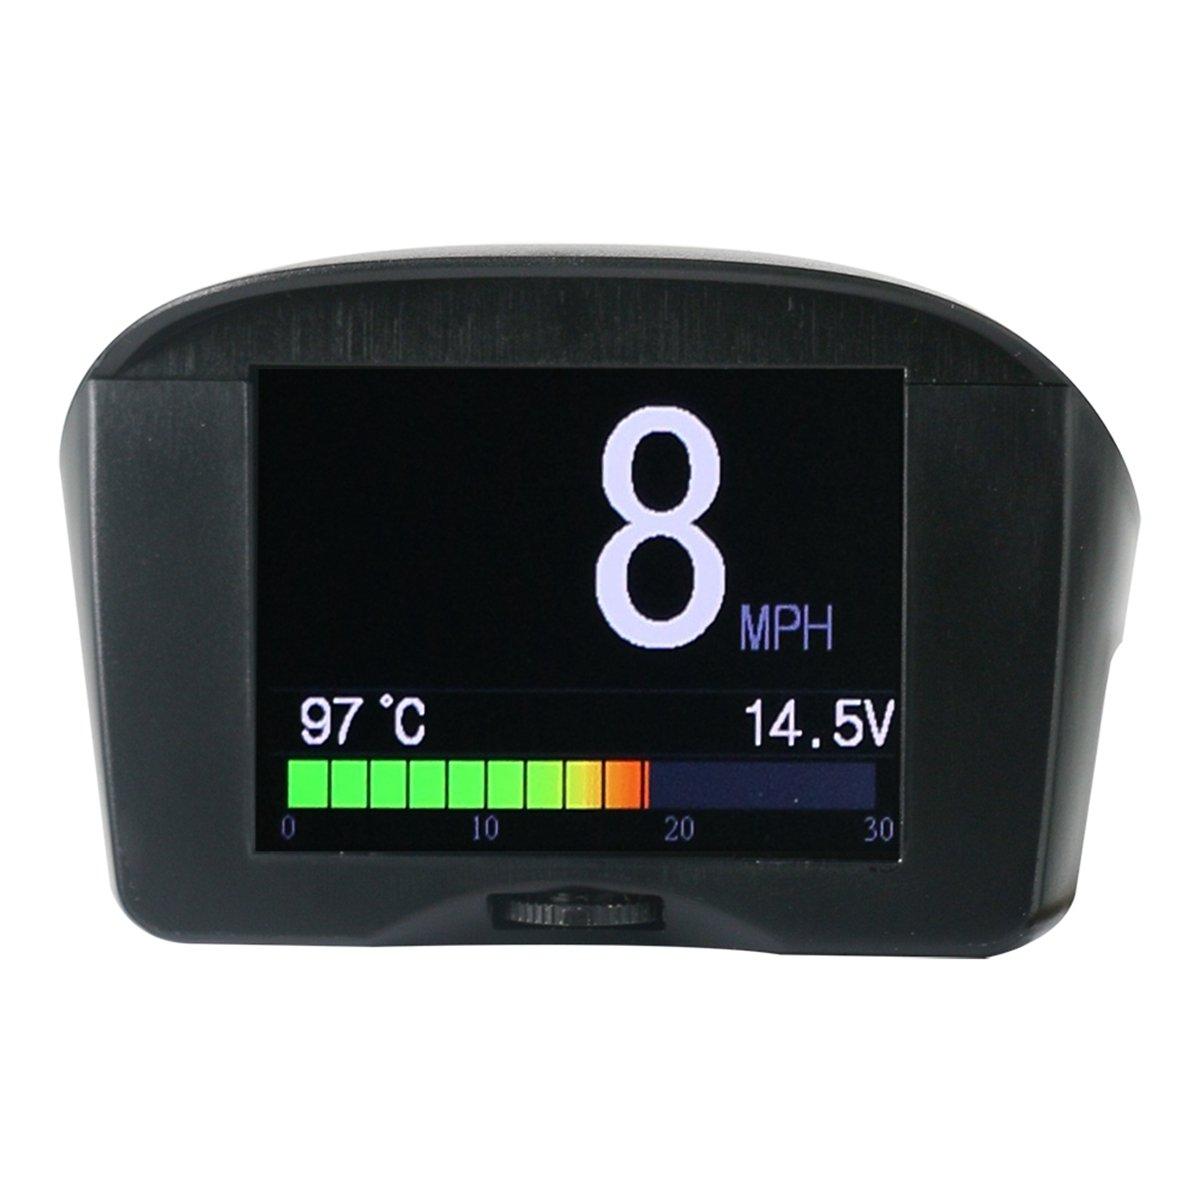 Auto temperatura dell' acqua Autool X50Plus OBDII digitale kmh/MPH tachimetro e velocità eccessiva allarme auto comune Fault code scanner con display LCD per 12V most benzina e diesel